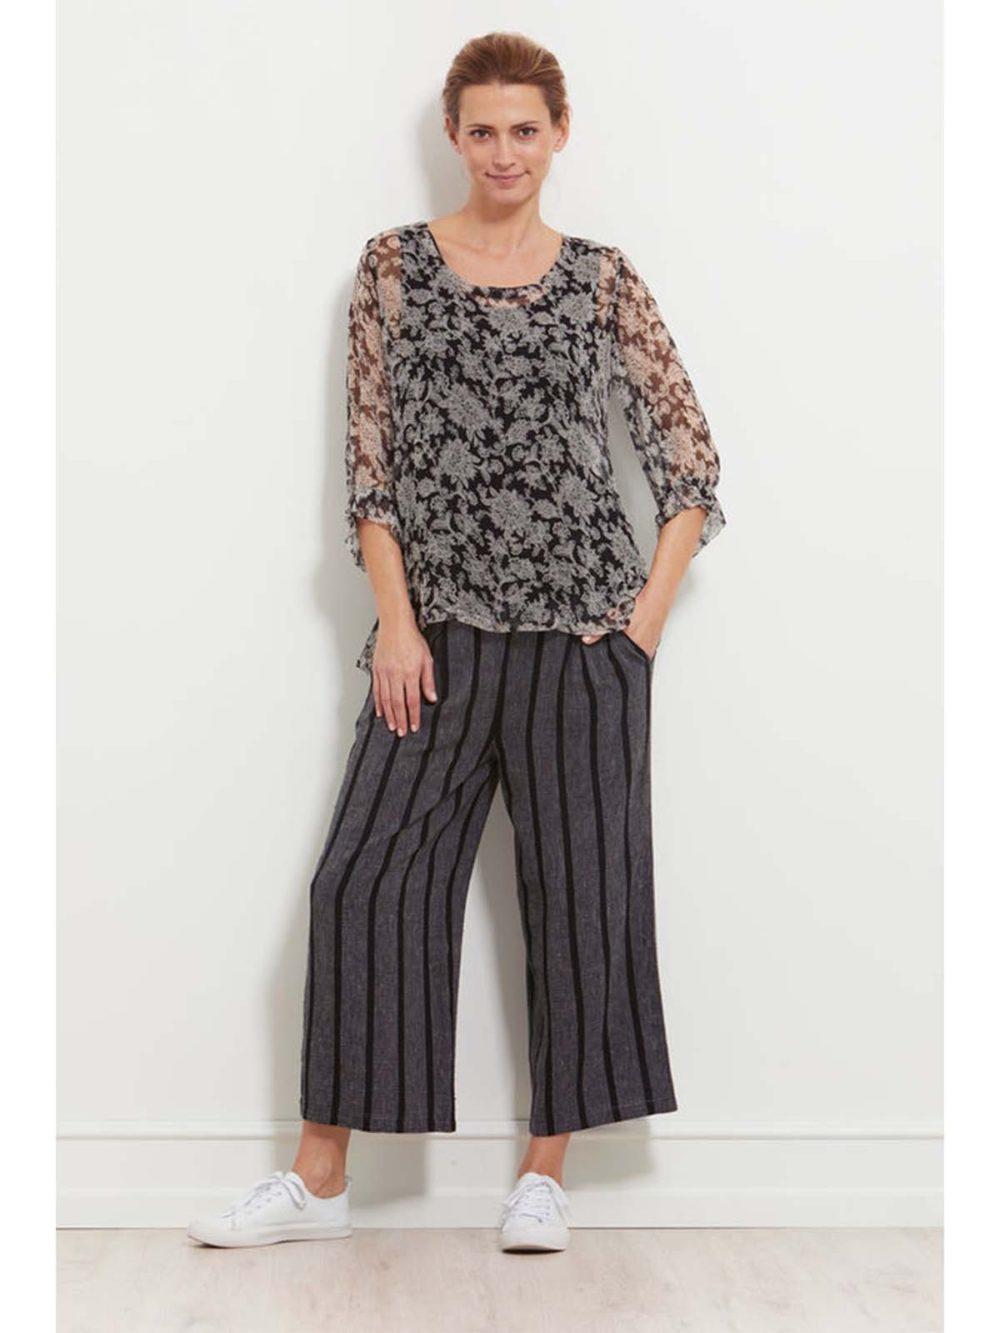 Pusna Culotte Masai Clothing Katie Kerr Women's Clothing